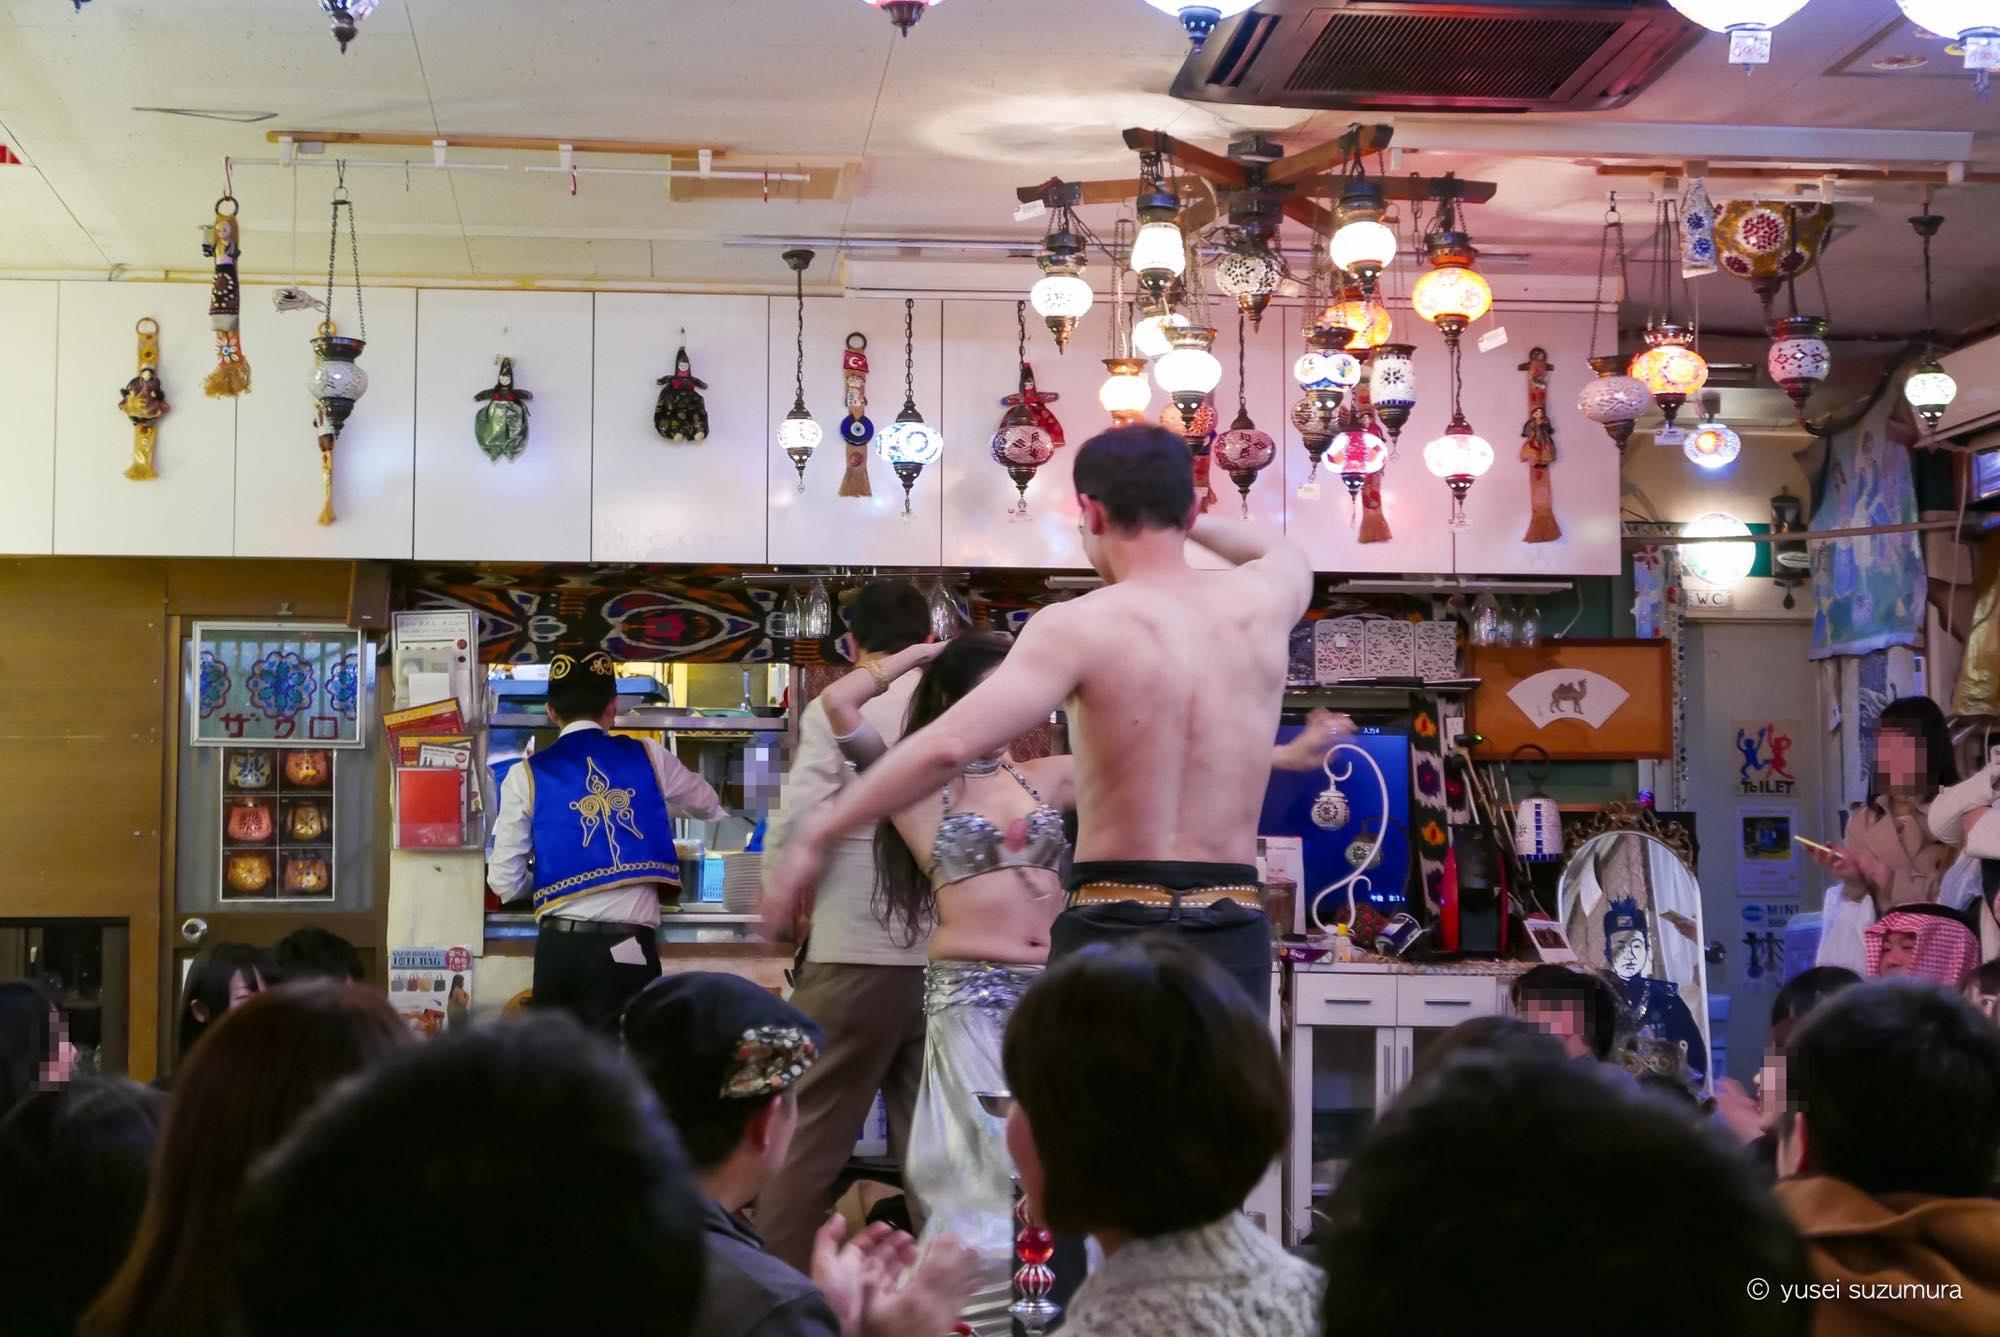 レストランザクロ 裸踊り